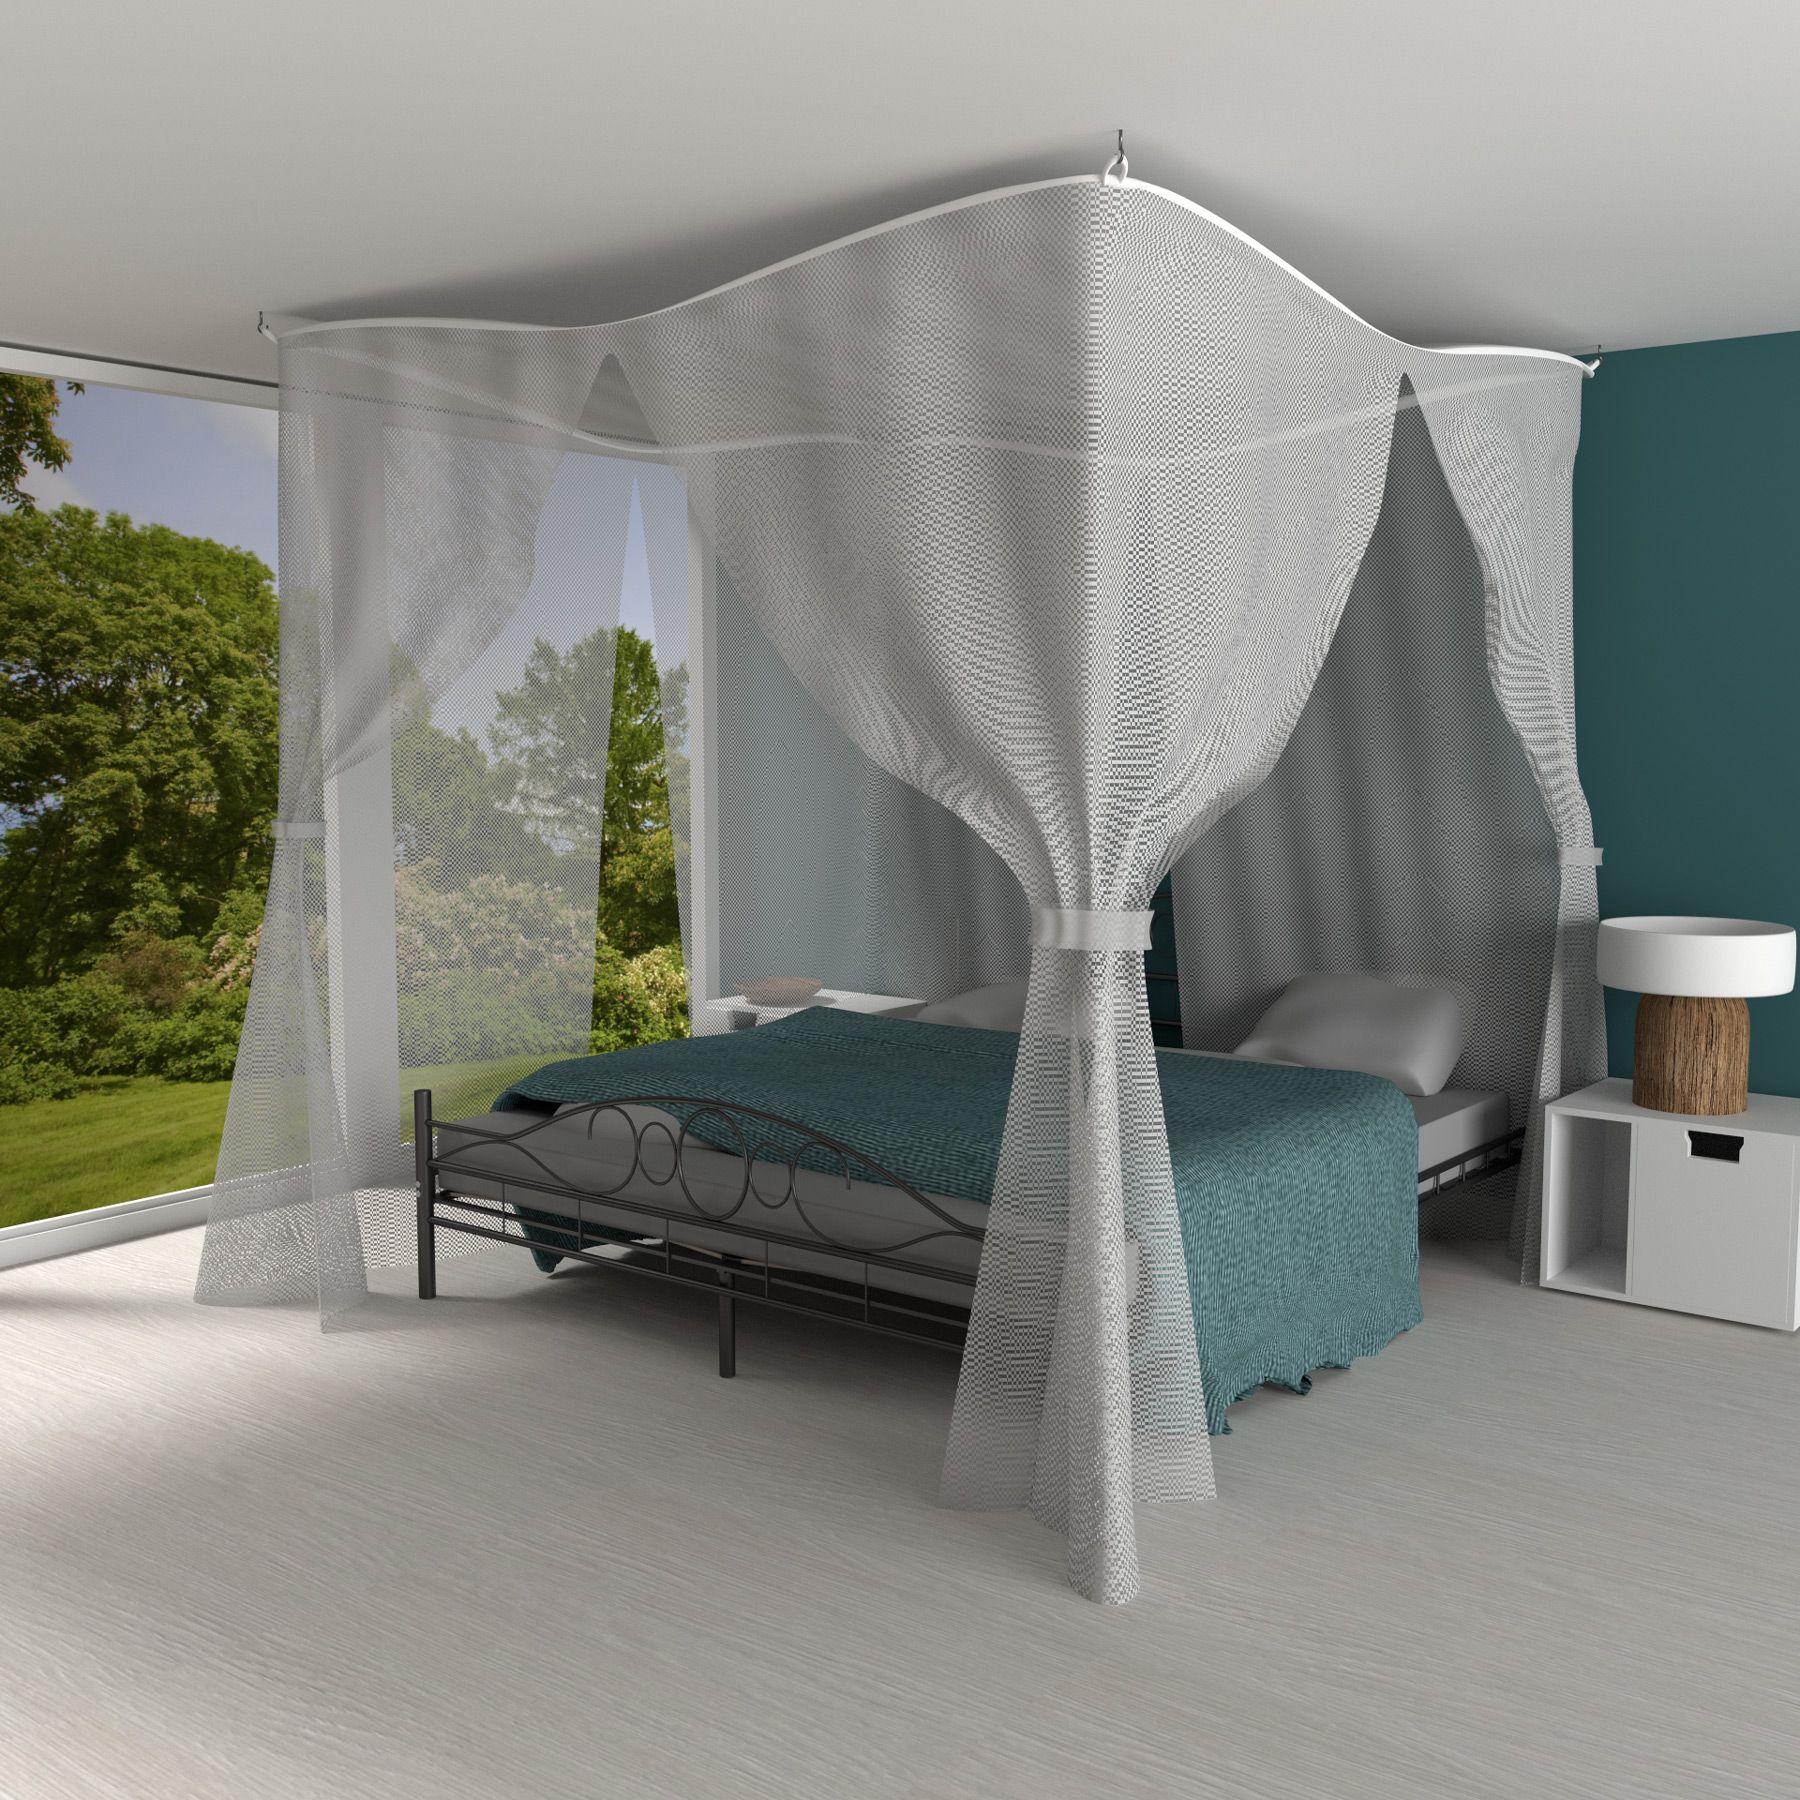 ciel de lit moustiquaire baldaquin grande protection voile moustiques blanc ebay. Black Bedroom Furniture Sets. Home Design Ideas